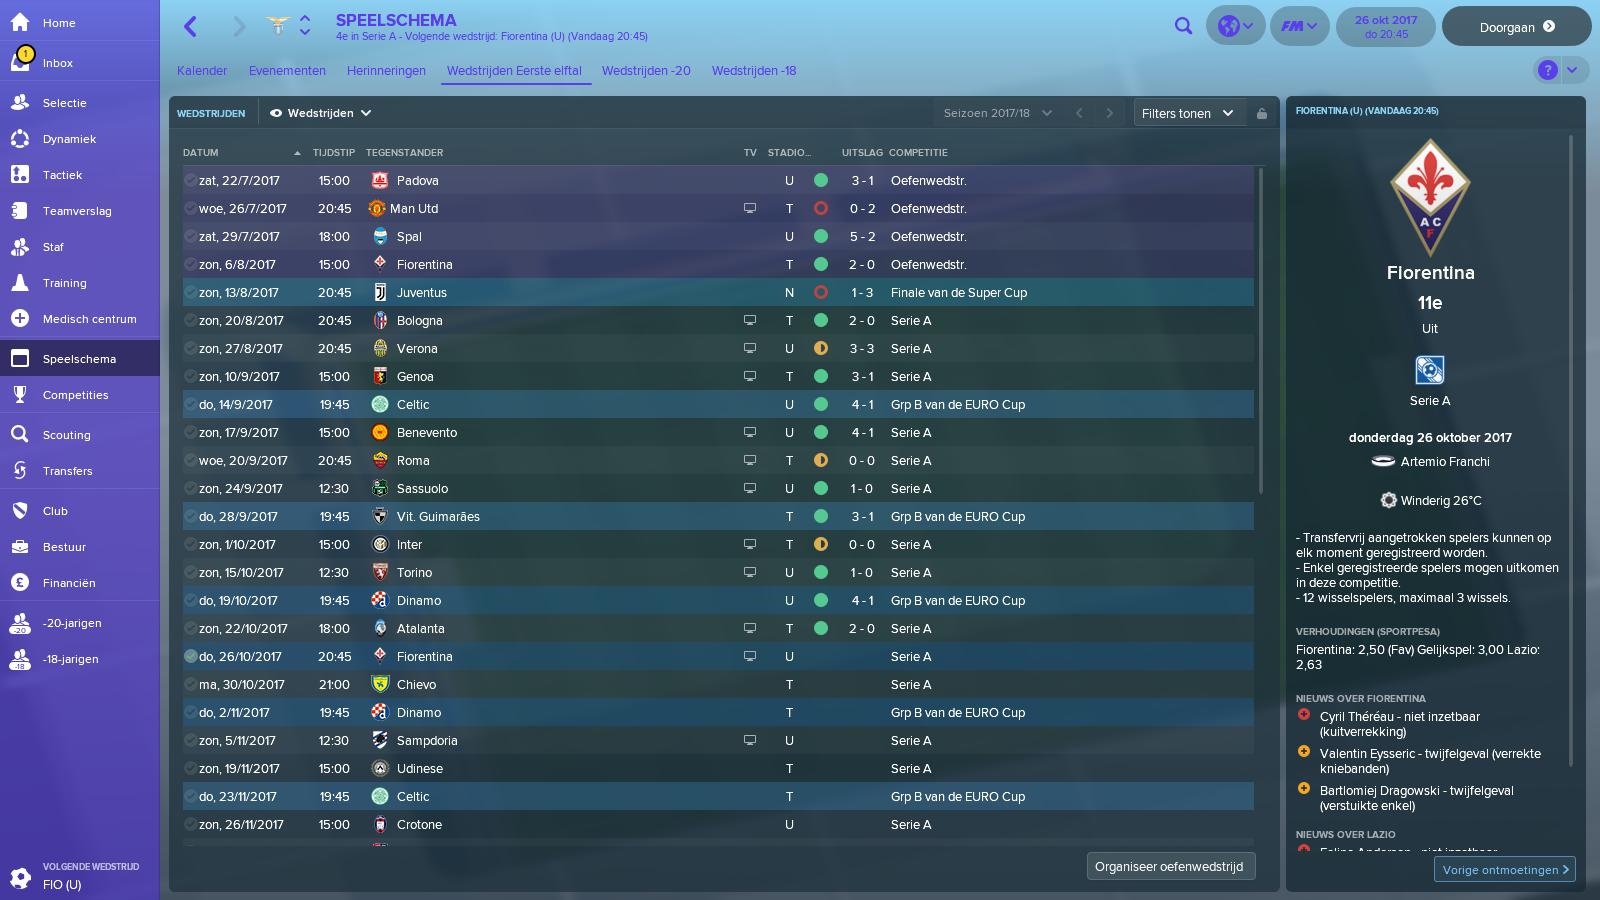 S_S_Lazio_Wedstrijden_Eerste_elftal.png